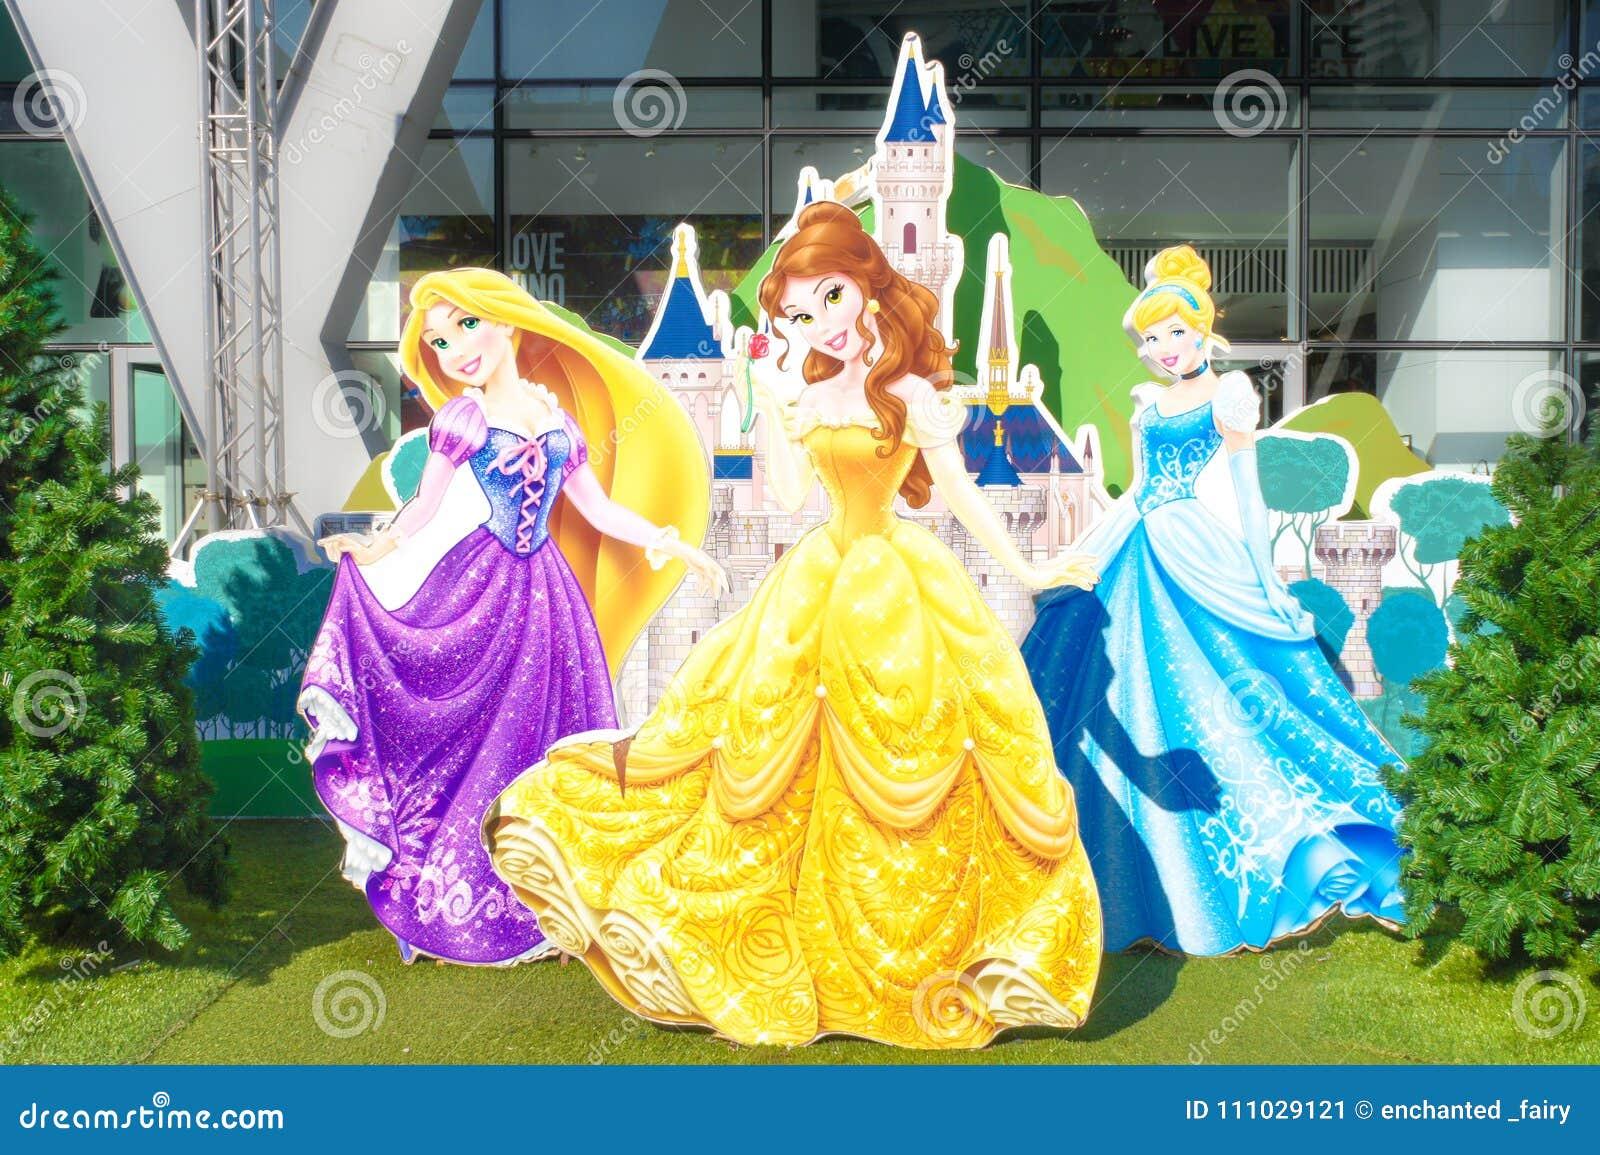 迪斯尼迪斯尼公主Rapunzel、佳丽、灰姑娘和在他们后防御